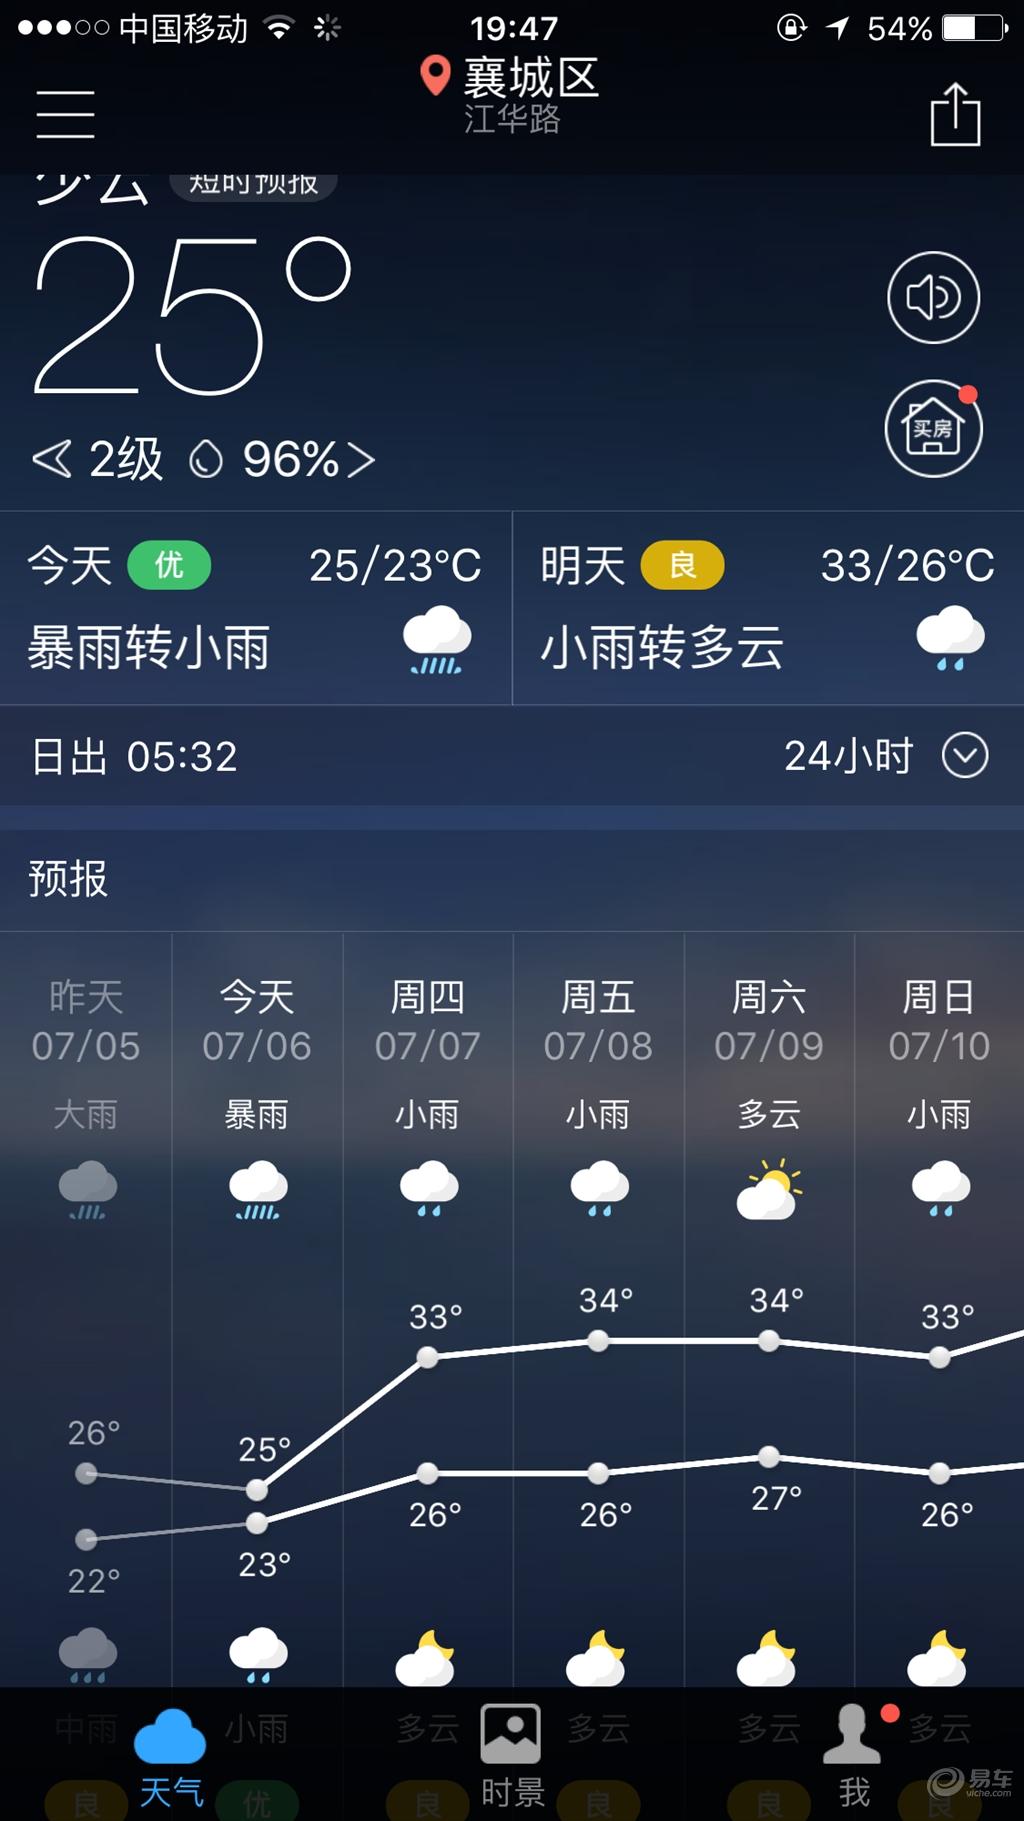 根据襄阳气象台发布的天气预报-博瑞论坛